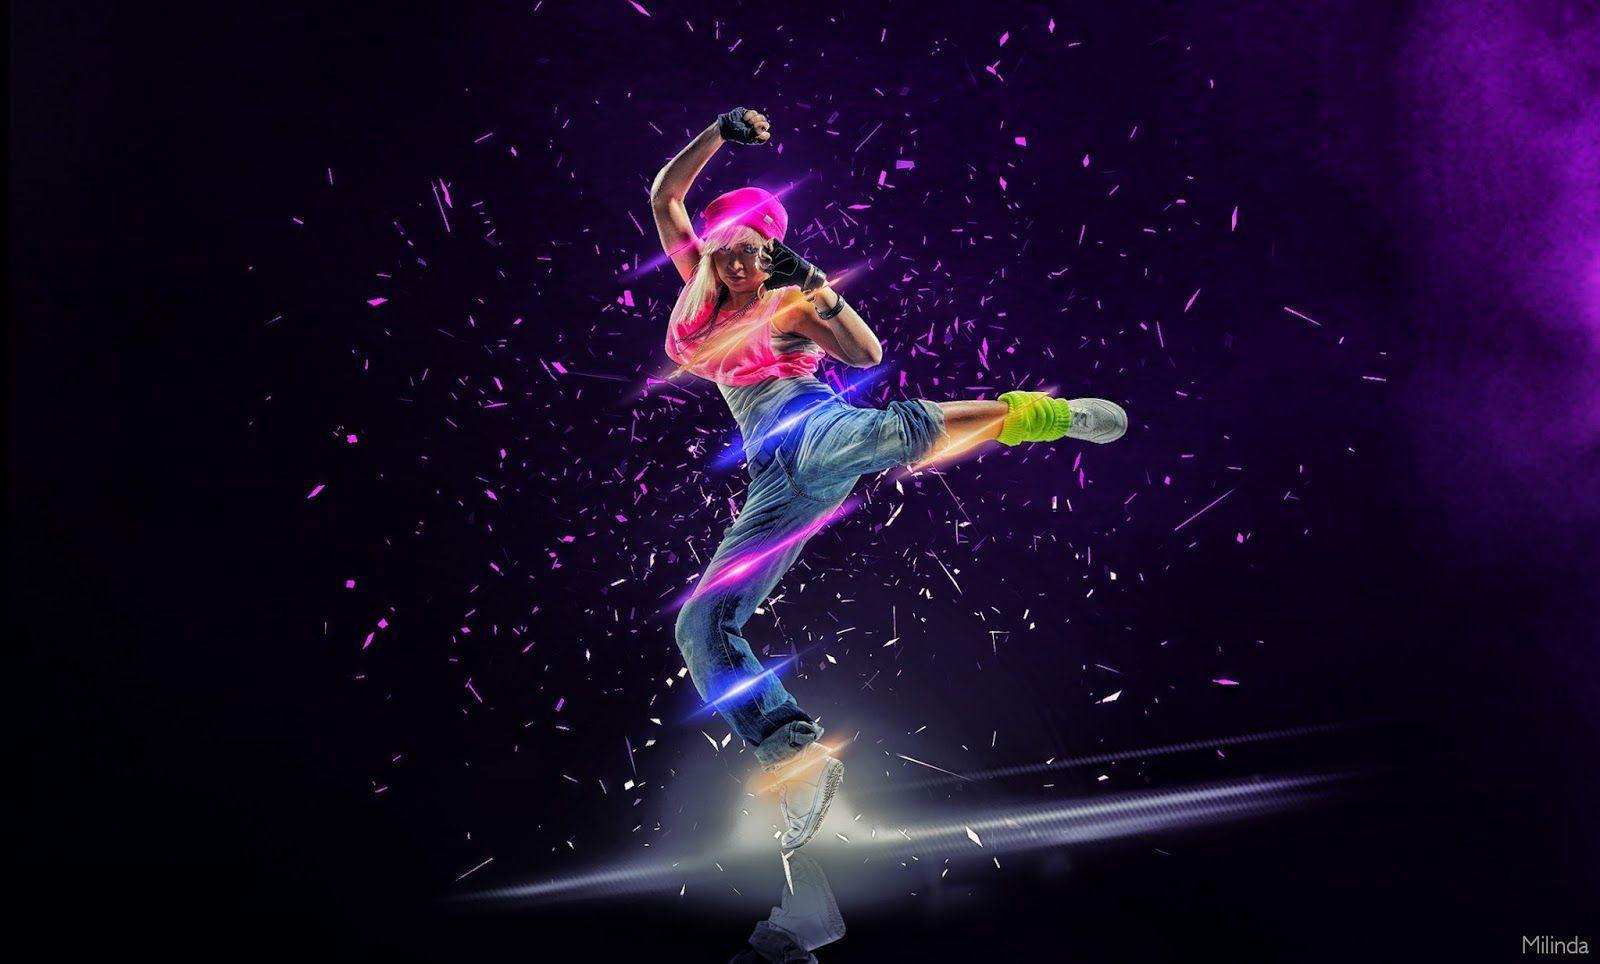 Hip Hop Dancing Wallpapers - Wallpaper Cave  Hip Hop Dancing...